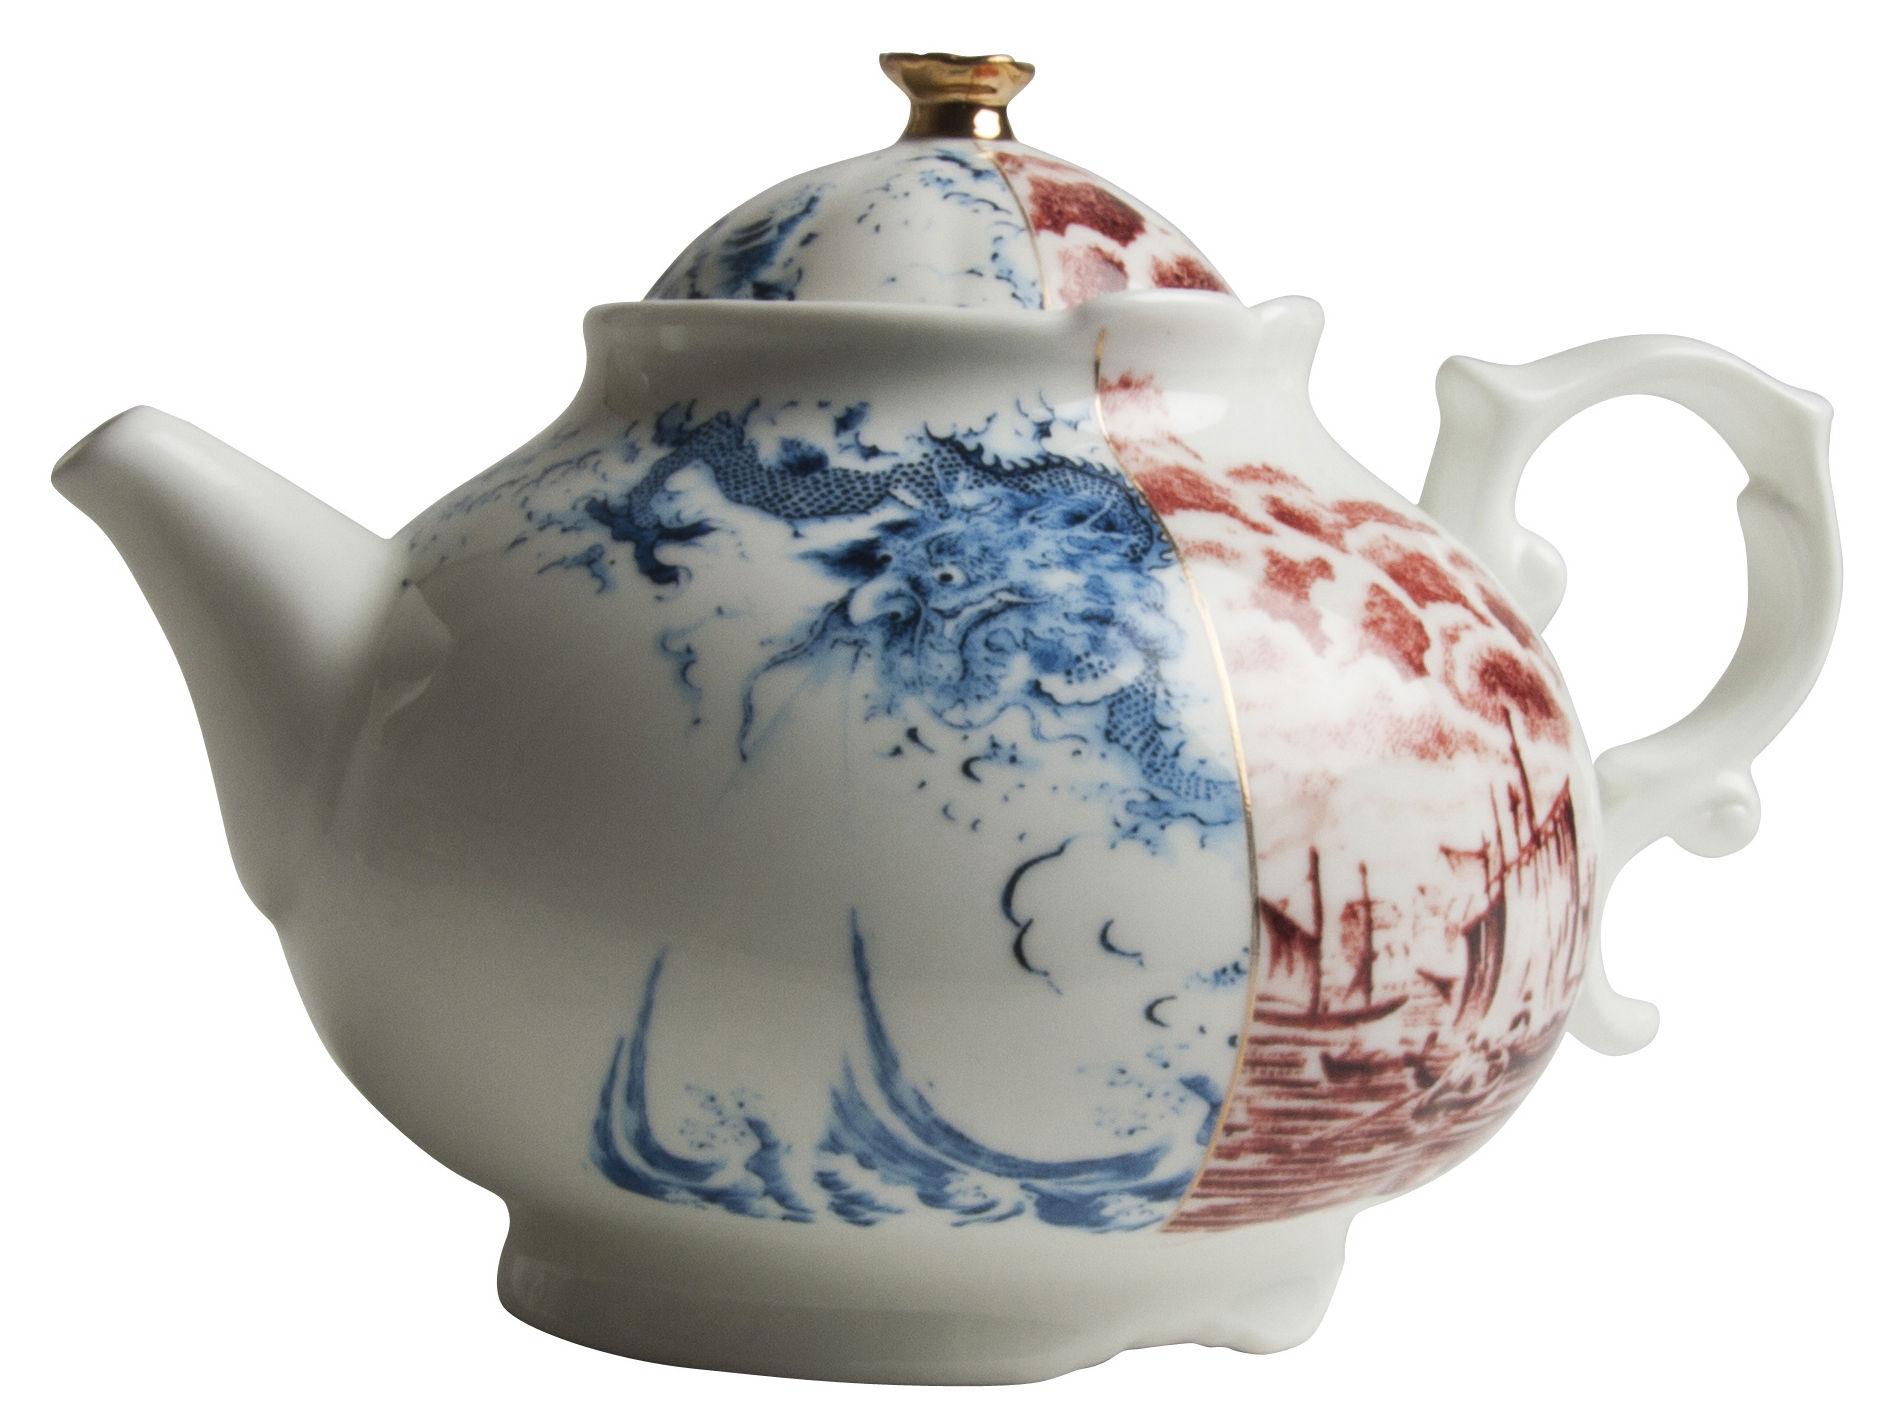 Arts de la table - Thé et café - Théière Hybrid Smeraldina - Seletti - Bleu et rouge - Porcelaine Bone China